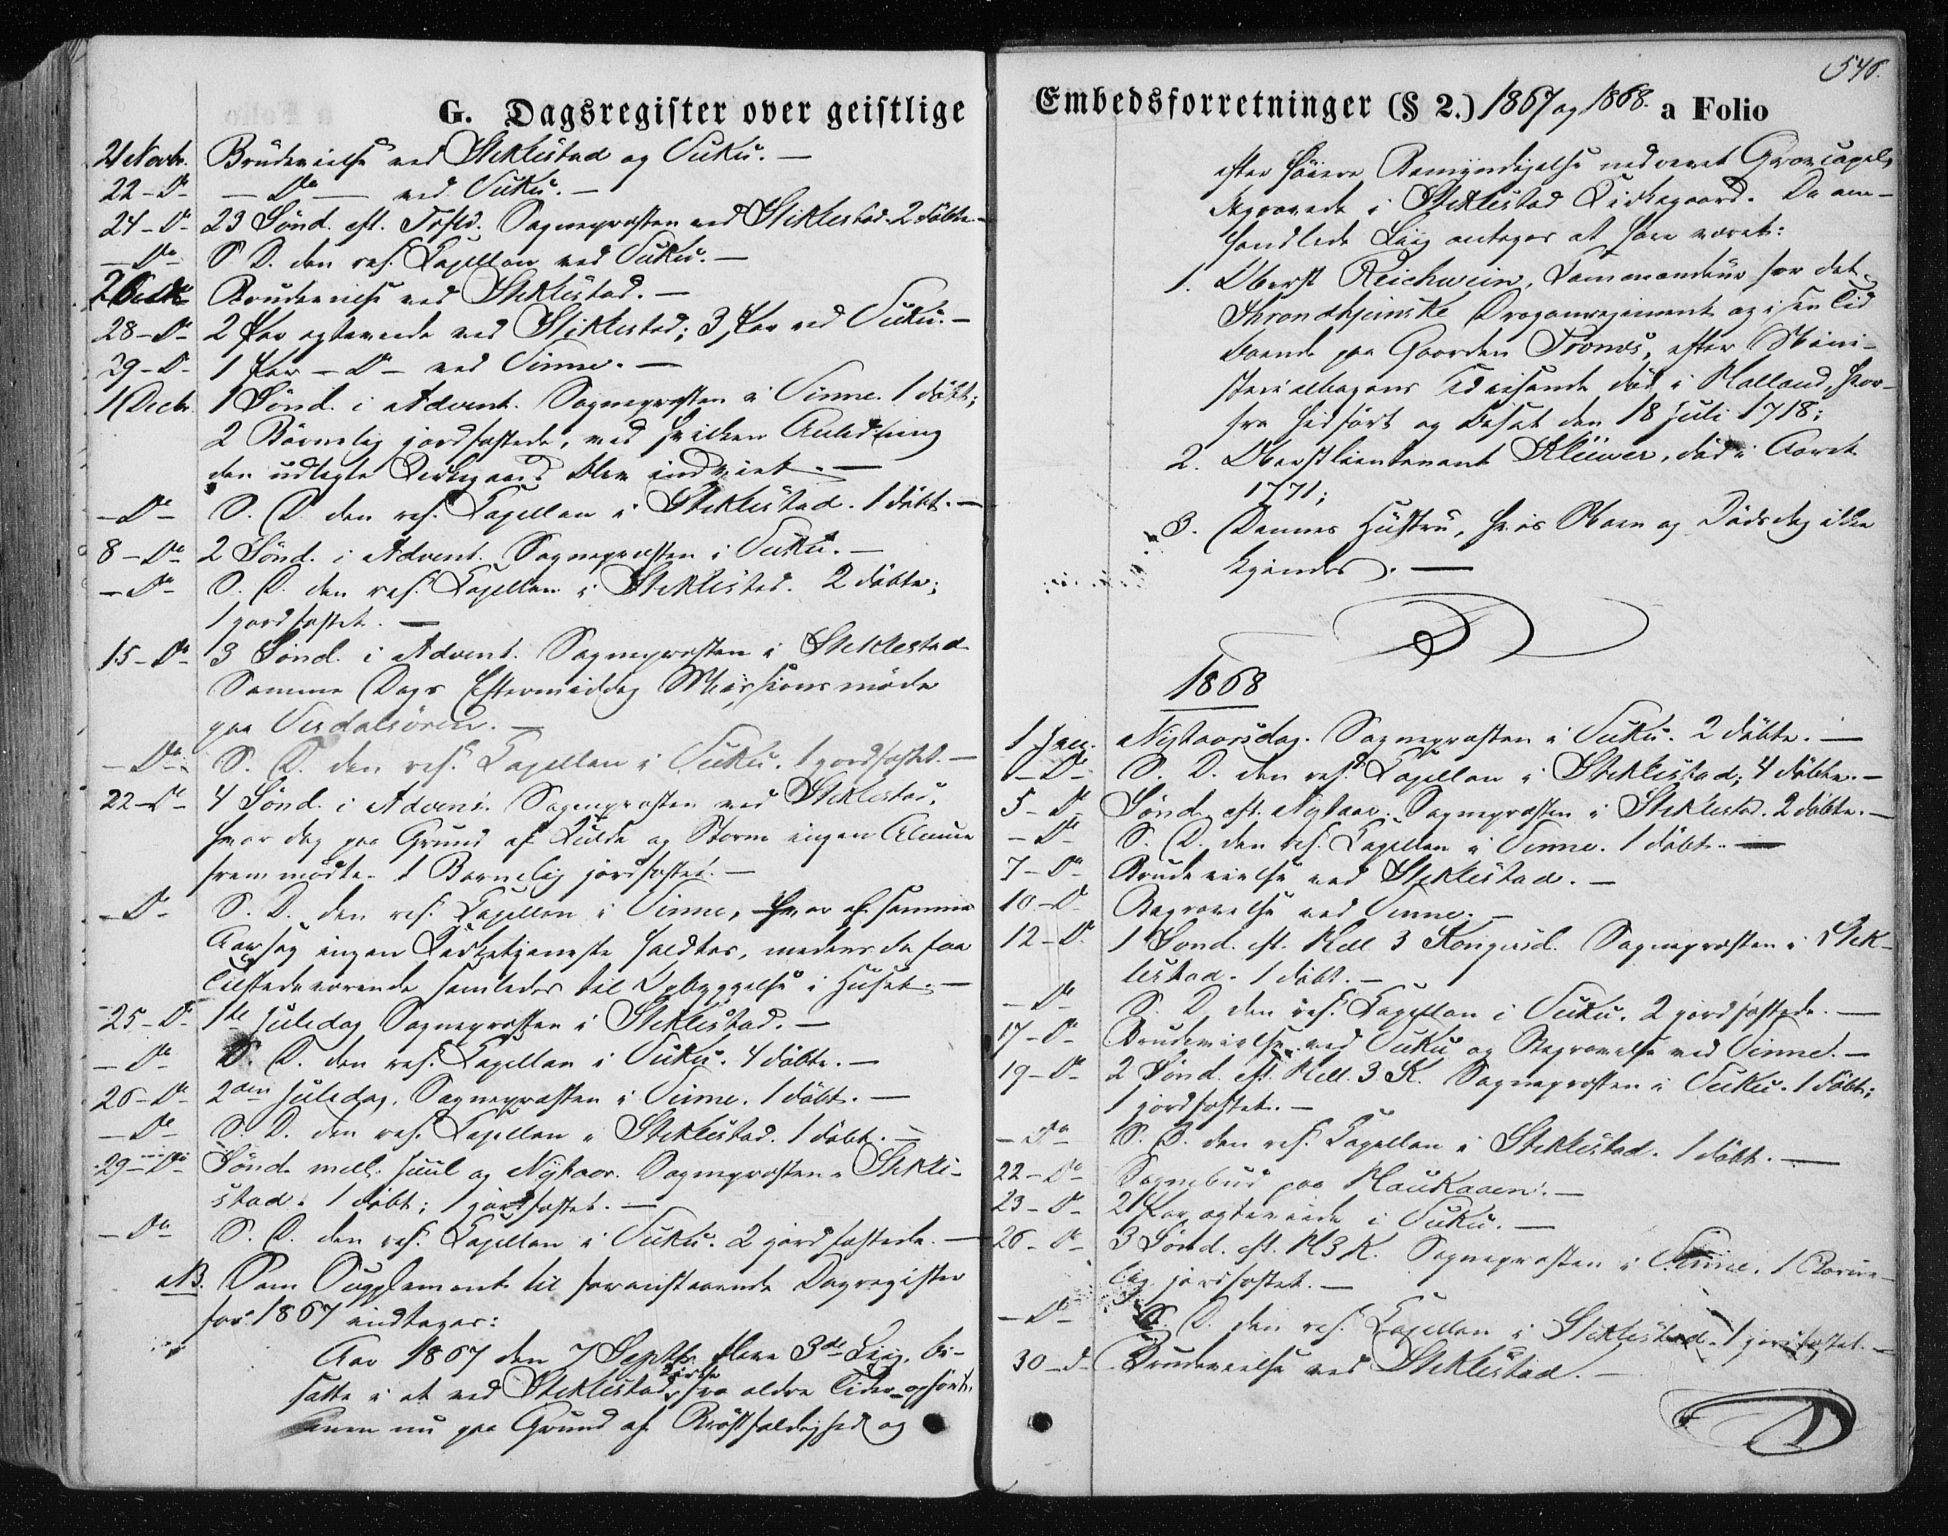 SAT, Ministerialprotokoller, klokkerbøker og fødselsregistre - Nord-Trøndelag, 723/L0241: Ministerialbok nr. 723A10, 1860-1869, s. 546